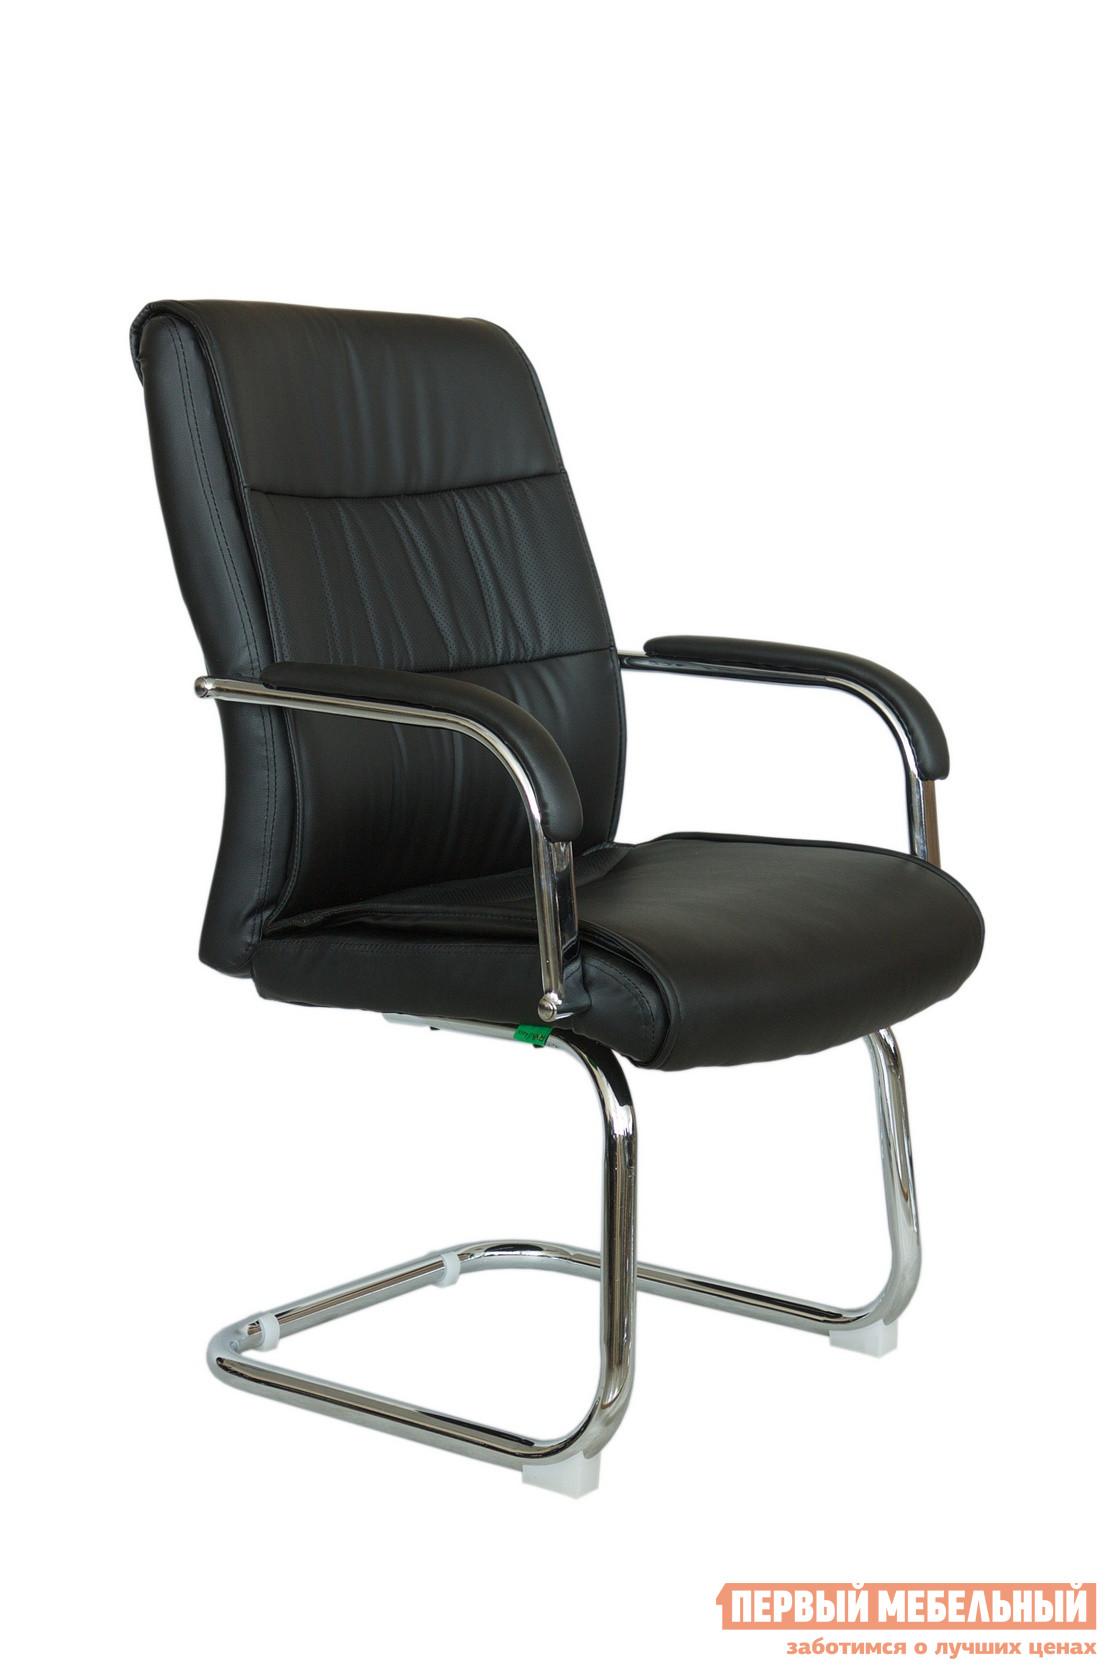 Офисный стул Riva Кресло RCH 9249 - 4 хороший офисный стул в днепре